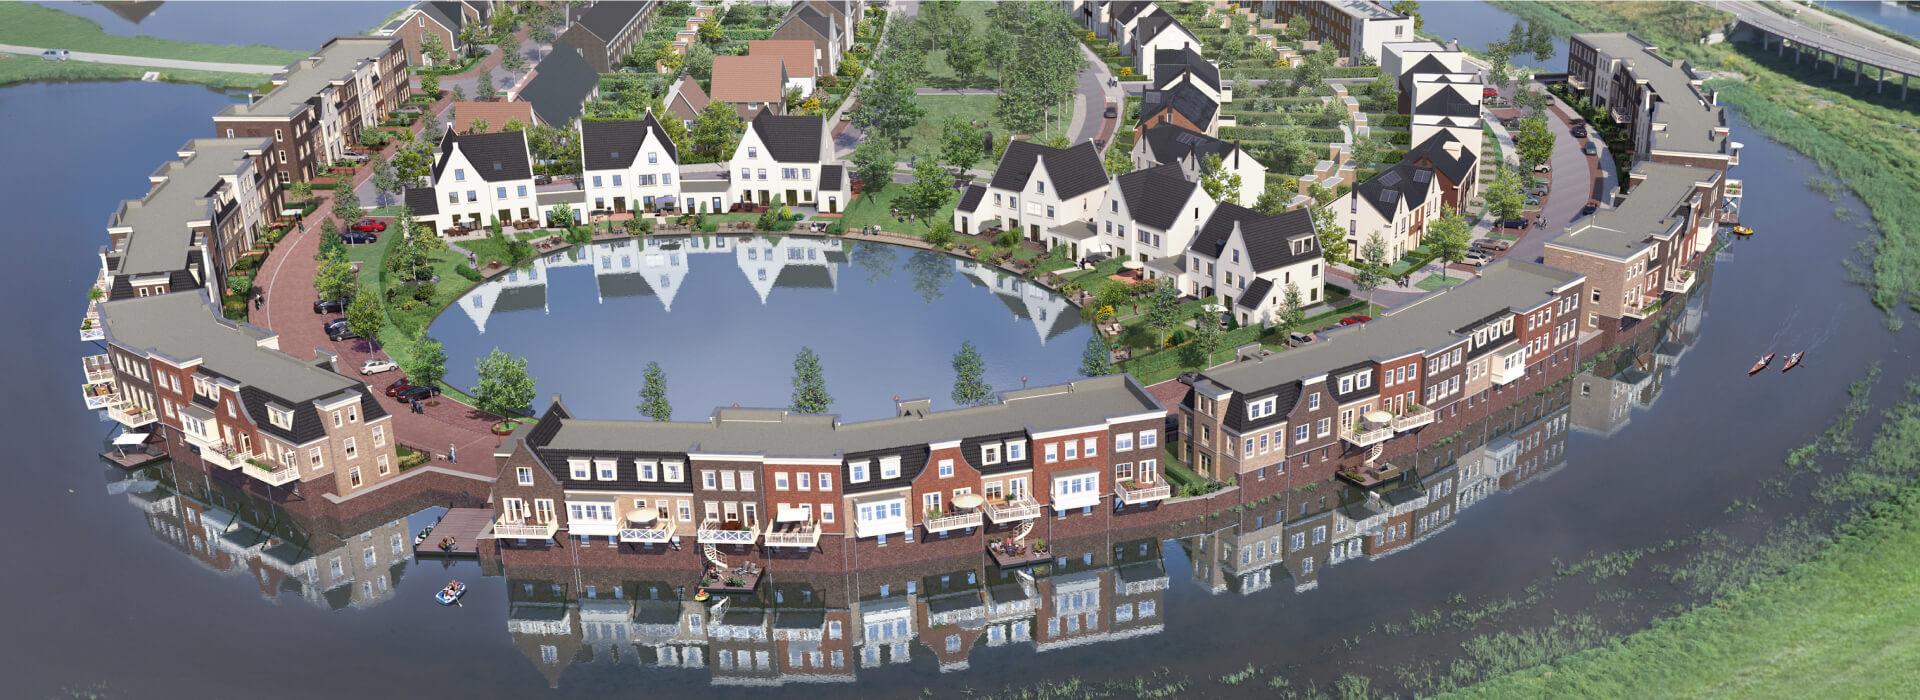 Wonen-in-Westergouwe-Aan-de-nieuwe-Stadskade